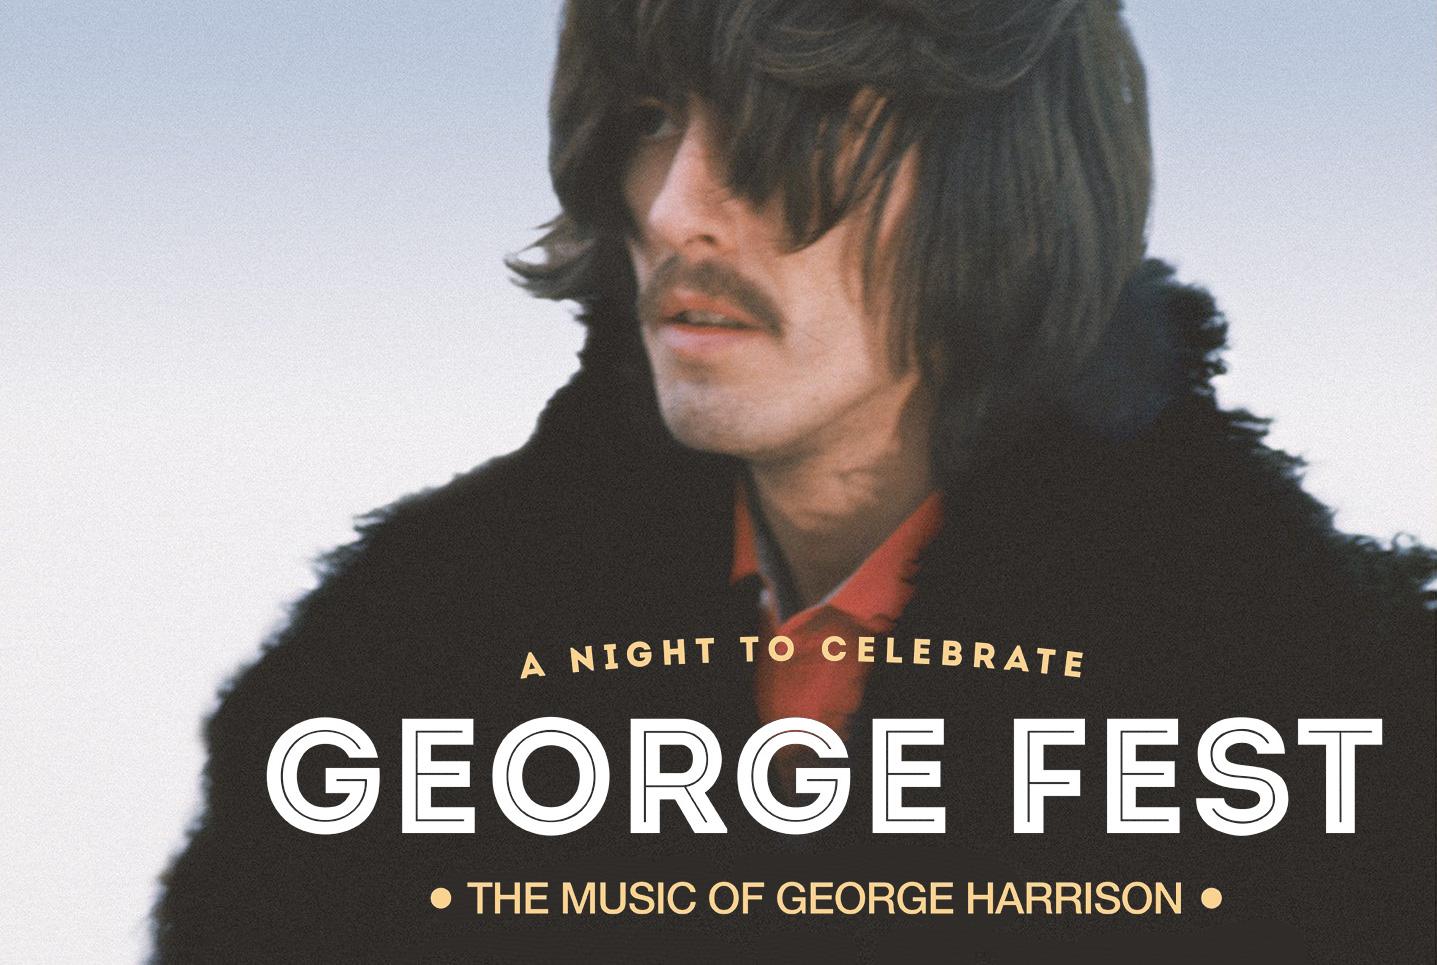 In uscita a Febbraio audio e video ufficiali del George Fest